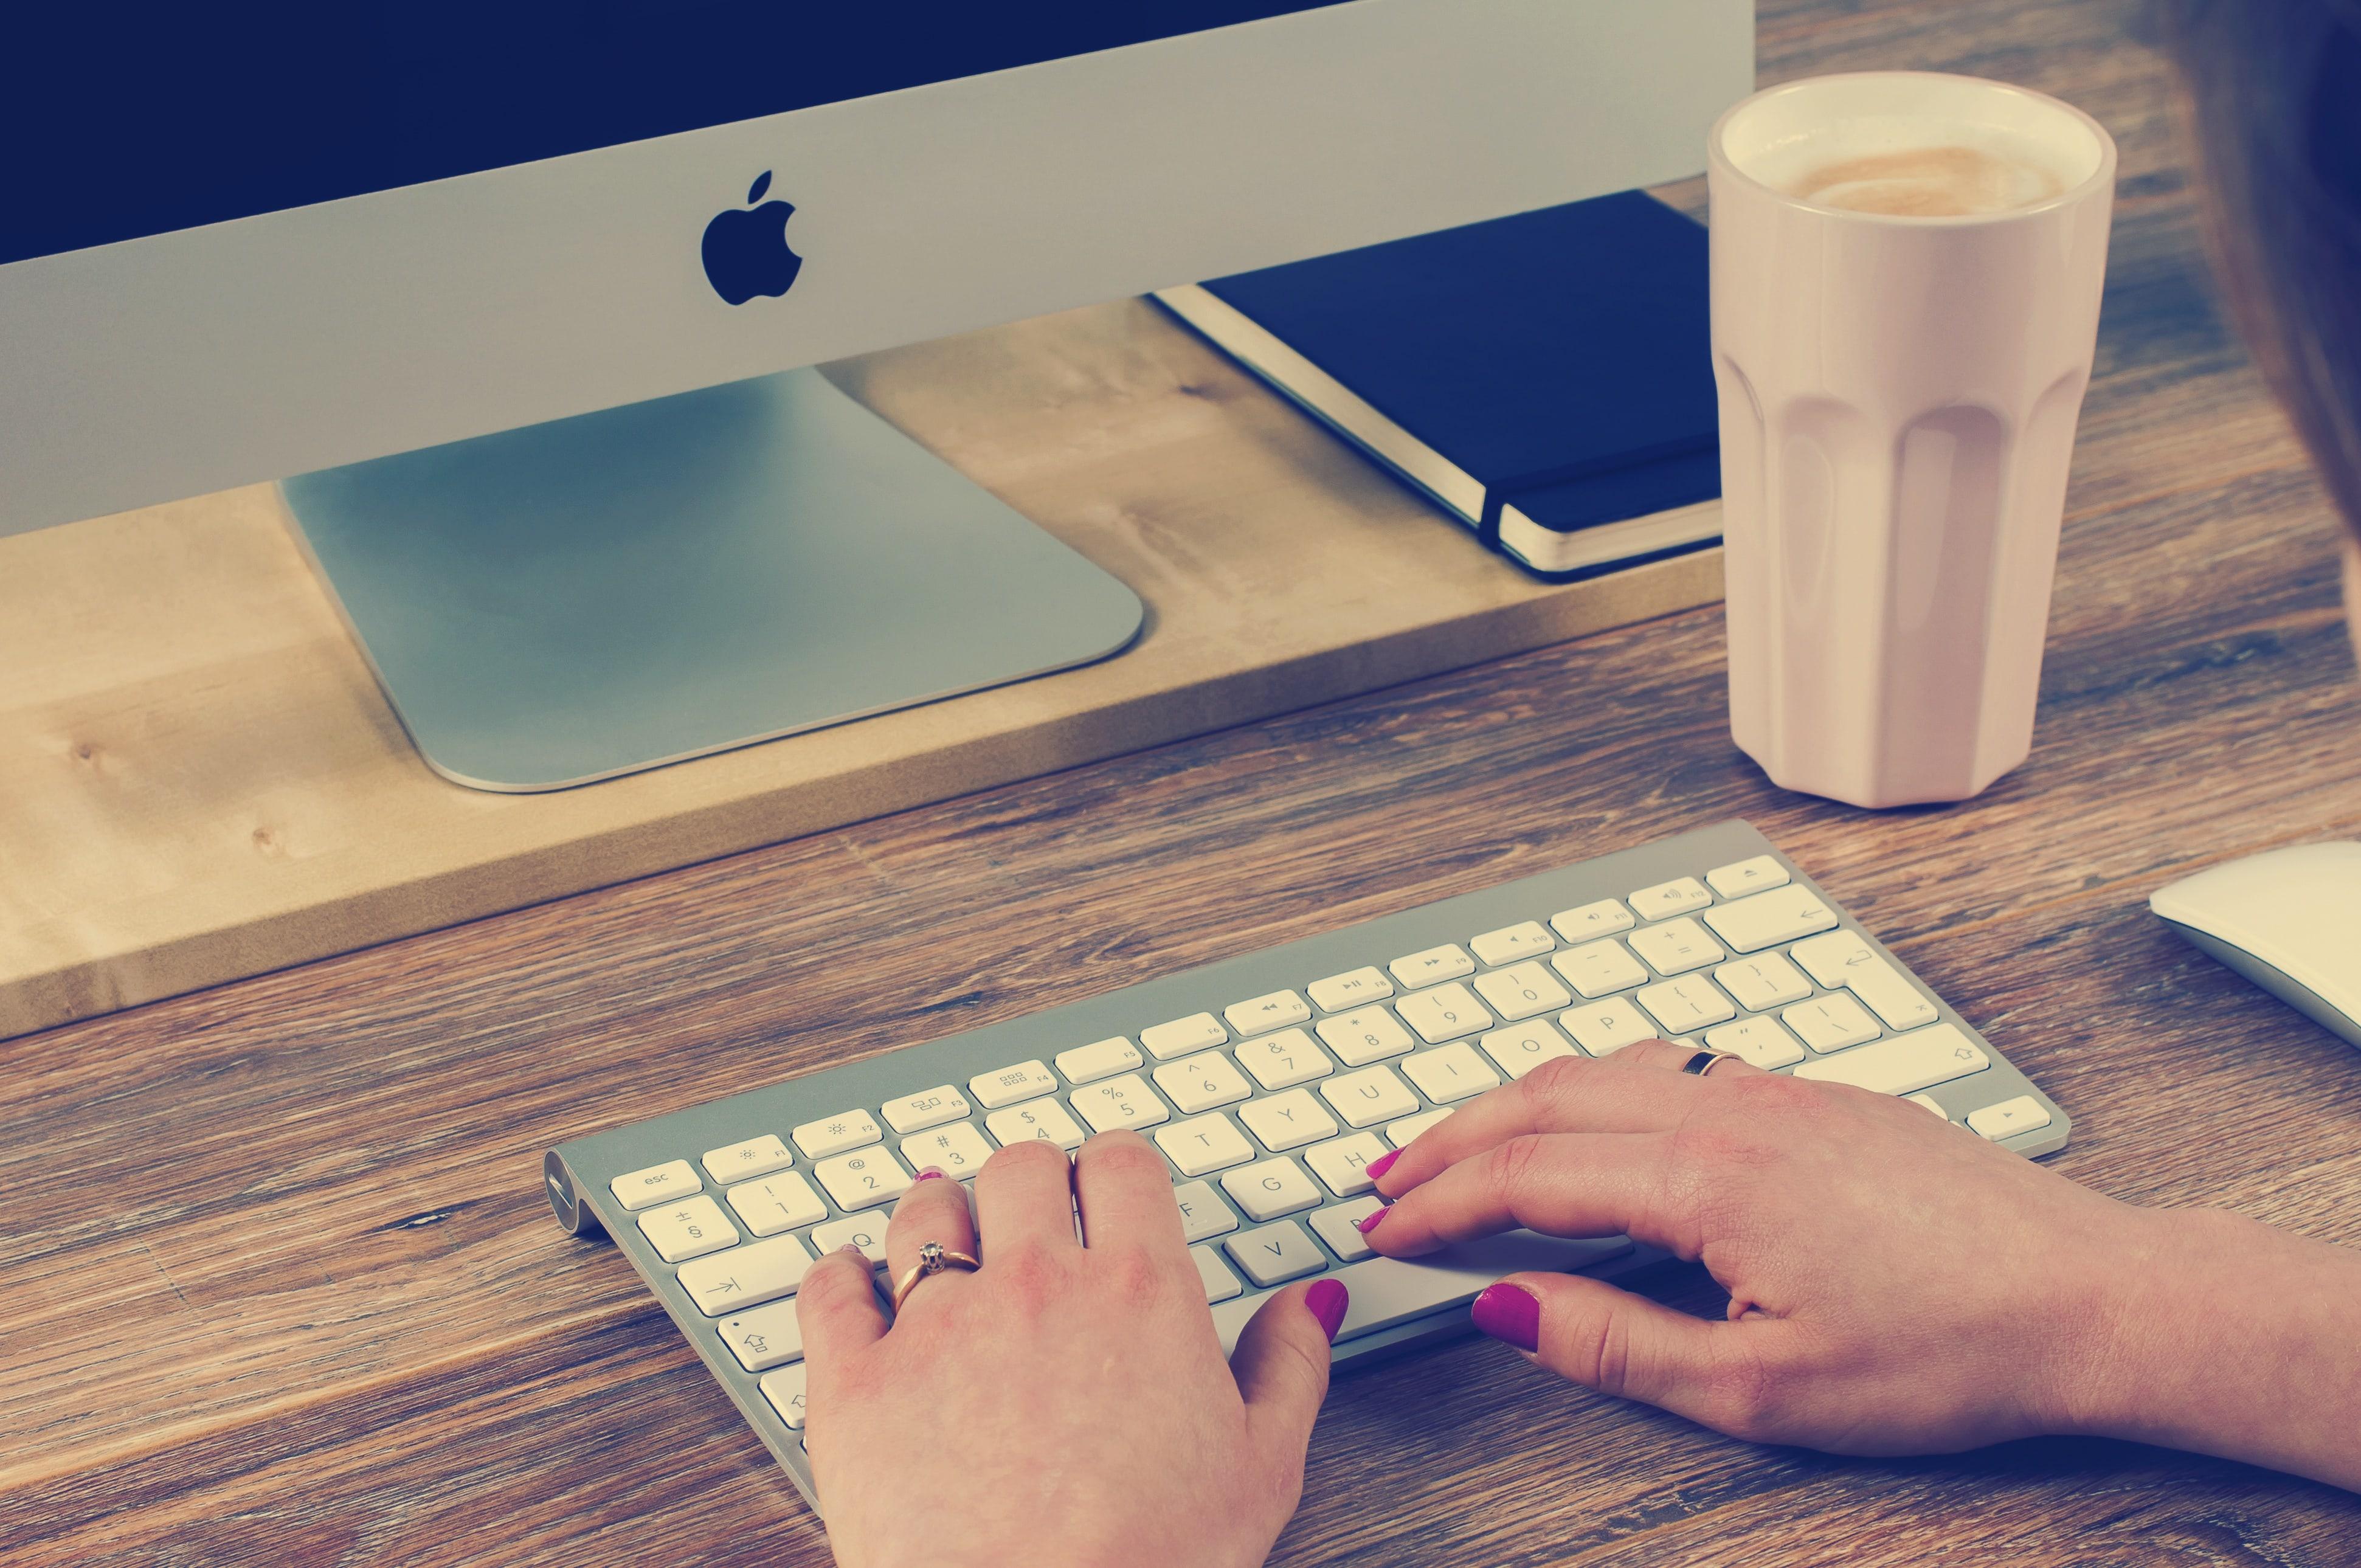 למה חשוב להתאים את הפרופילים ברשתות החברתיות לקורות החיים?